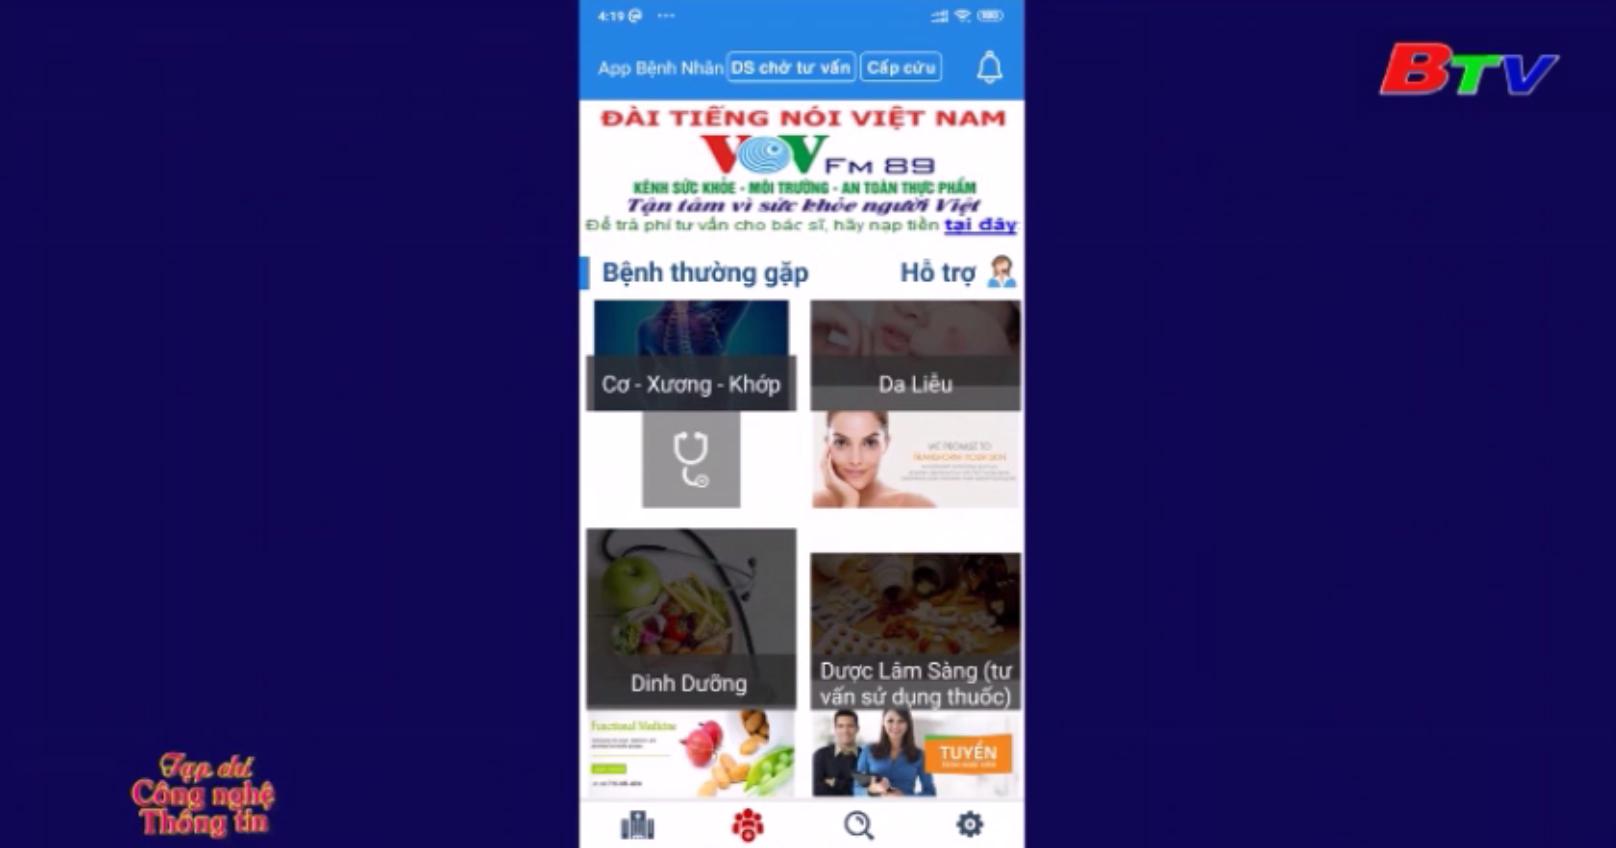 Giới thiệu ứng dụng tư vấn sức khỏe trực tuyến VOV Bacsi24